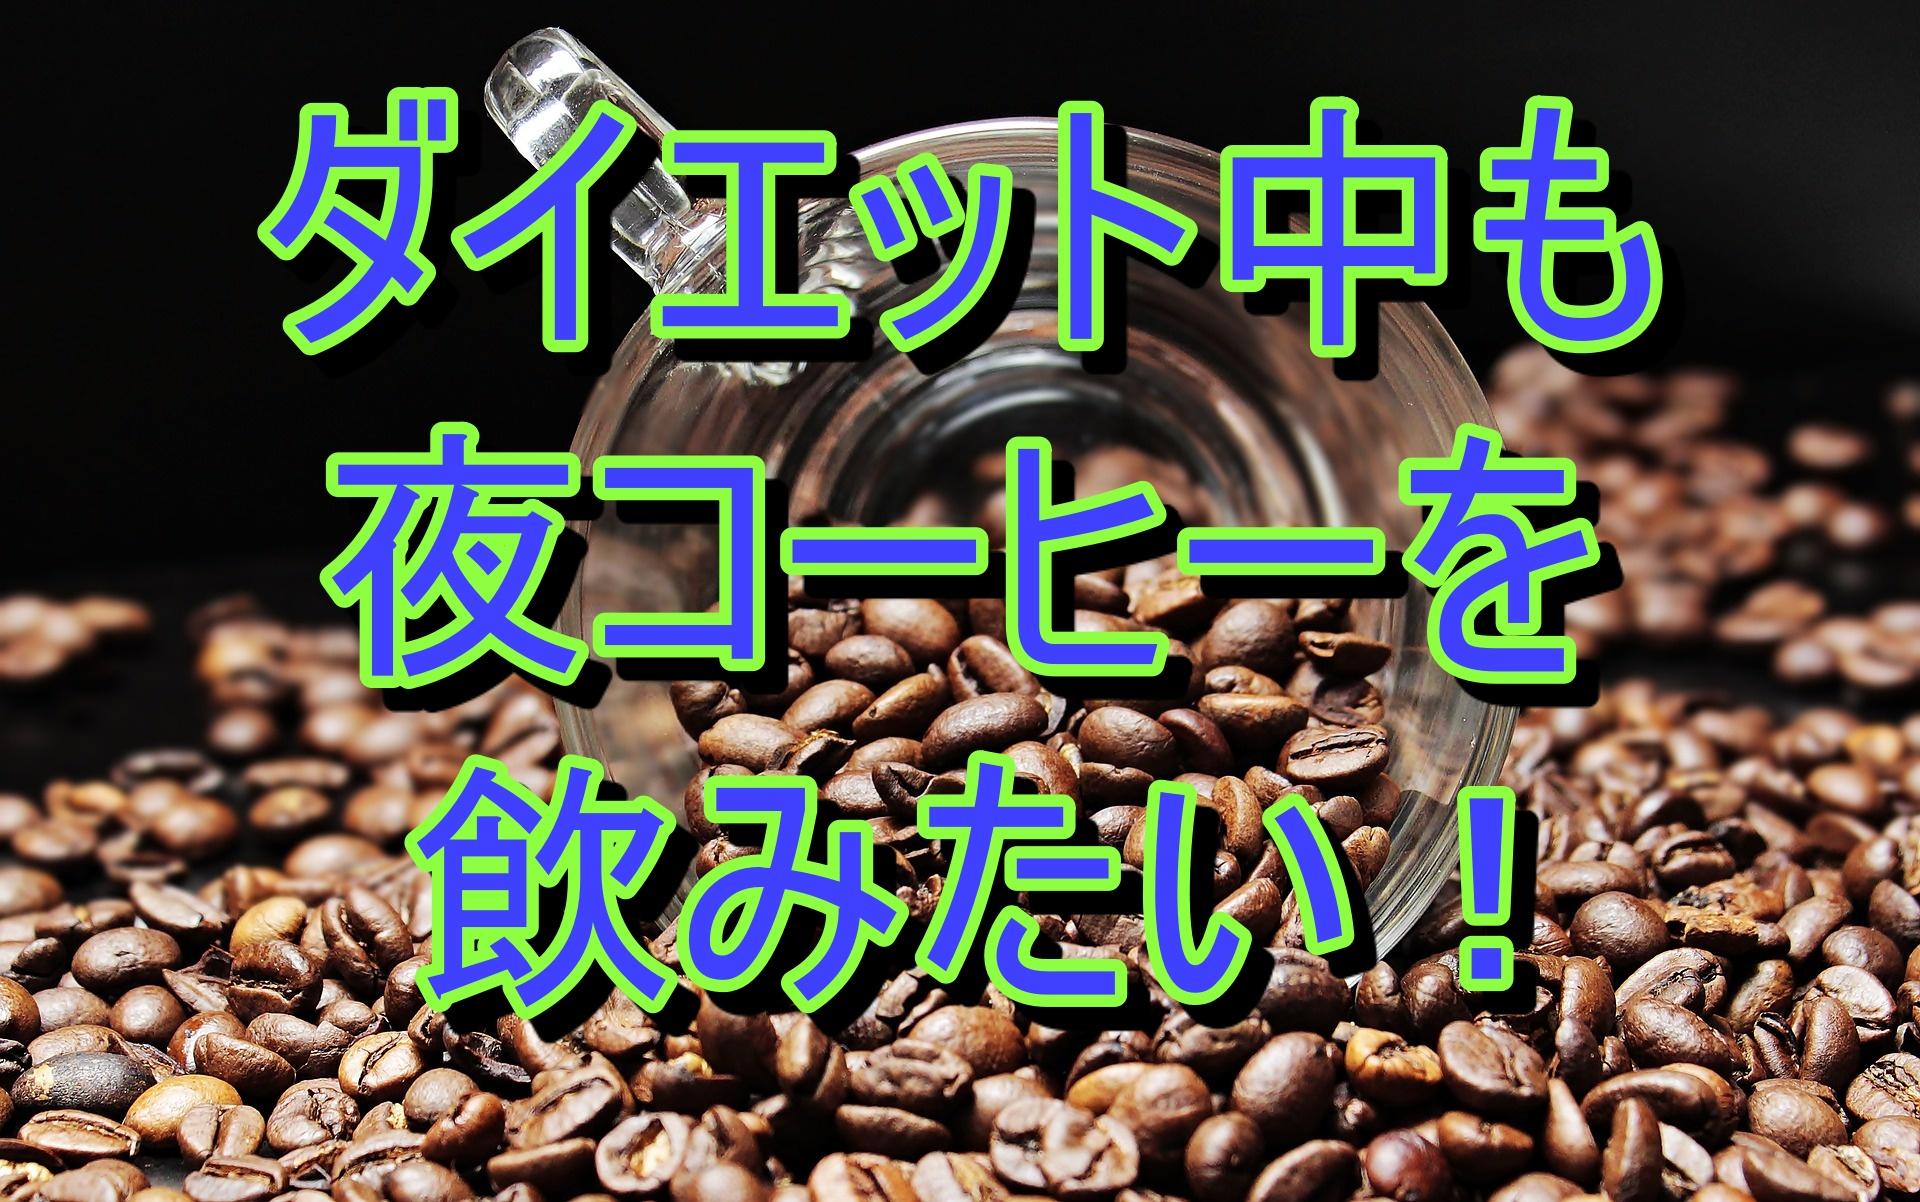 コーヒーは夜飲んでもダイエット効果はあるのでしょうか?